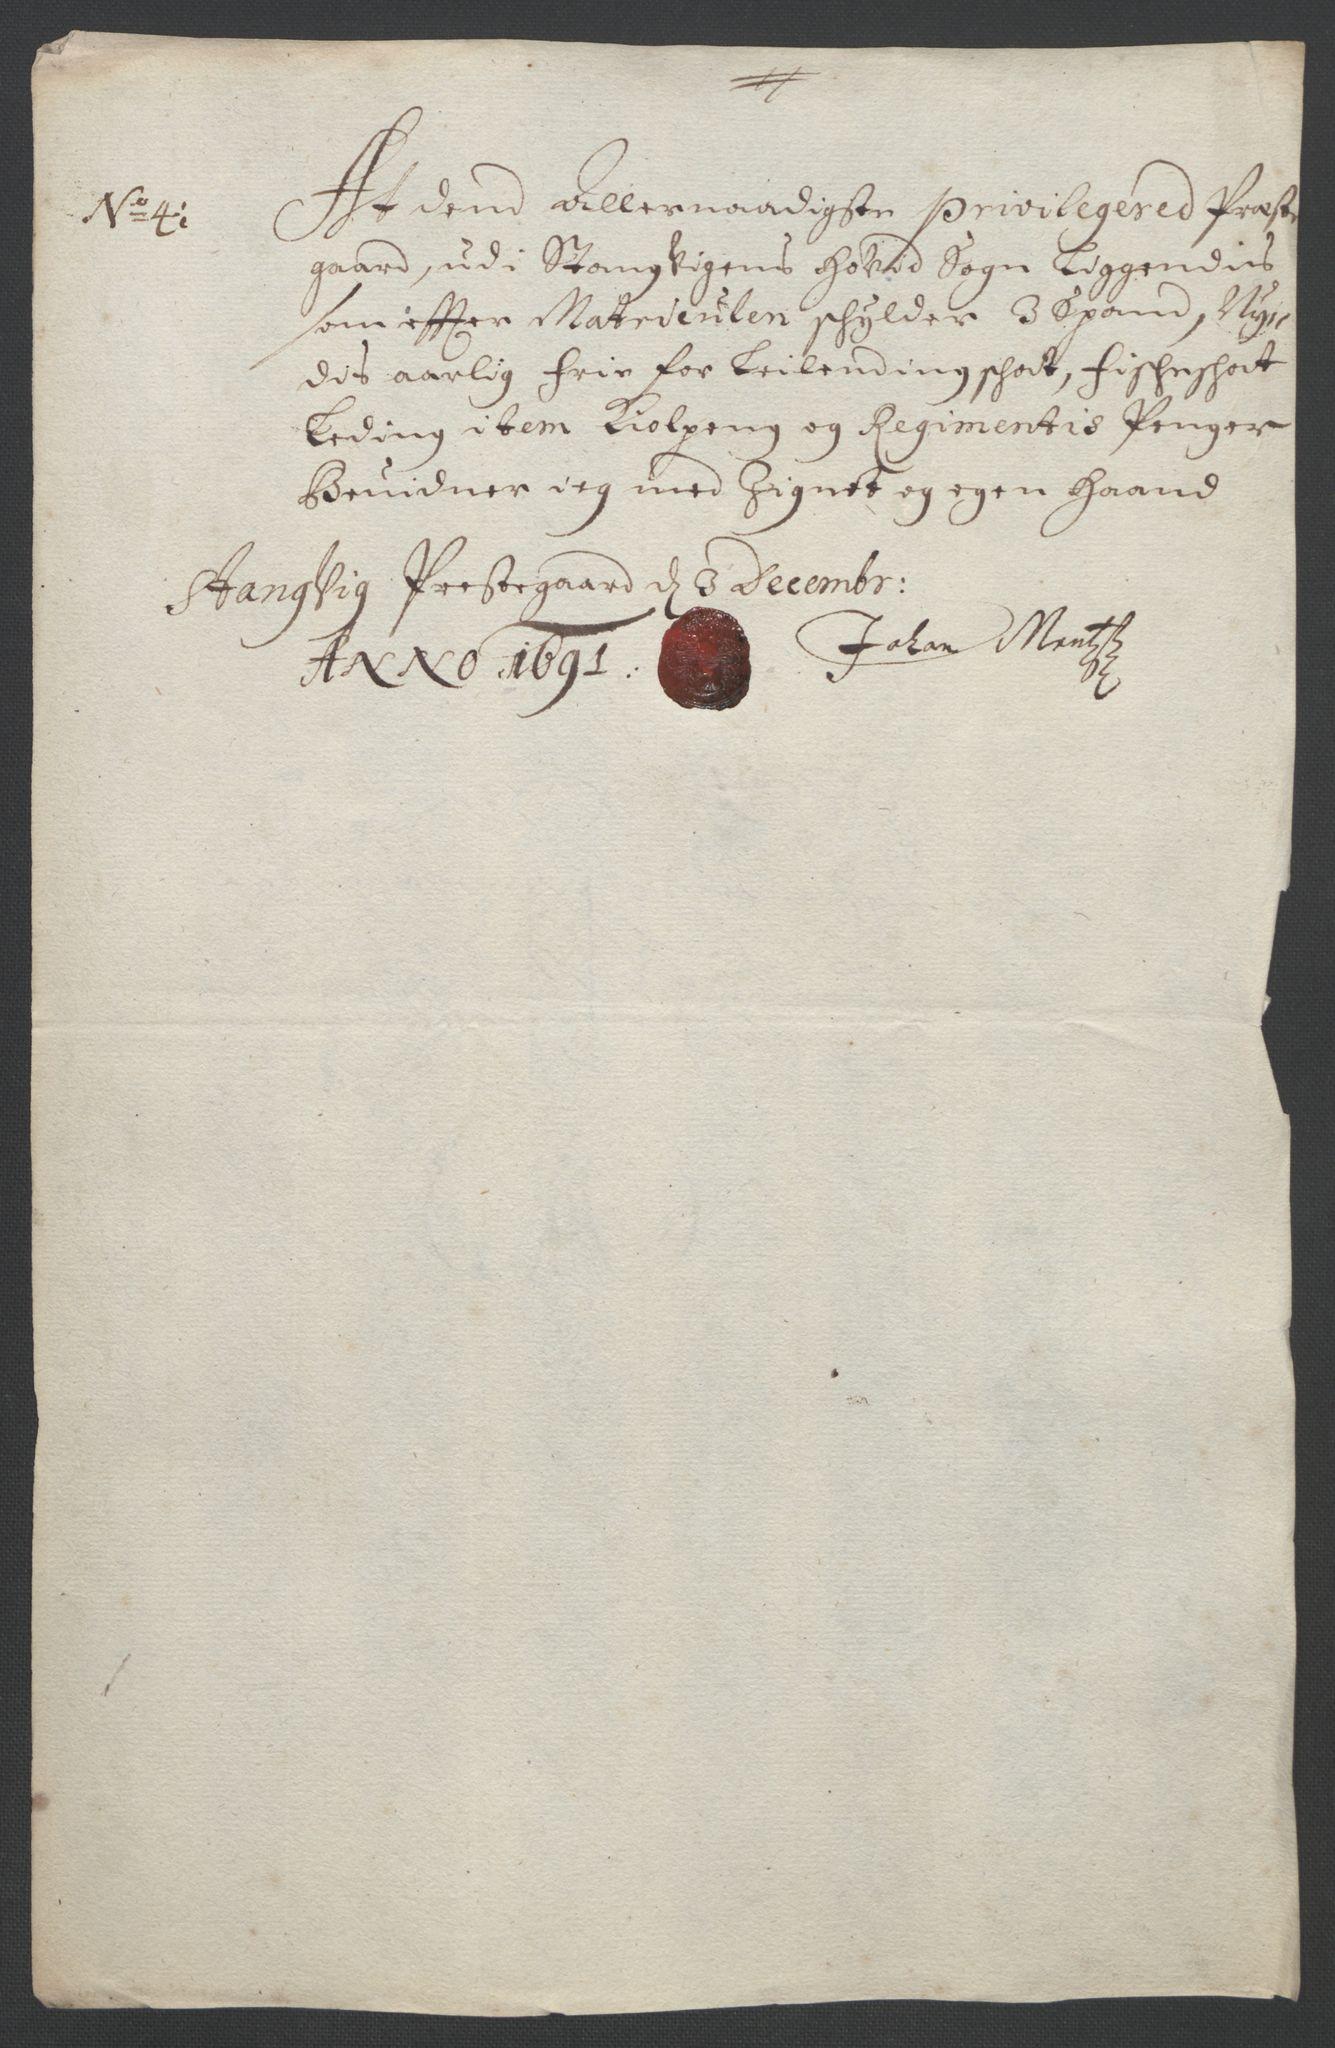 RA, Rentekammeret inntil 1814, Reviderte regnskaper, Fogderegnskap, R56/L3734: Fogderegnskap Nordmøre, 1690-1691, s. 409